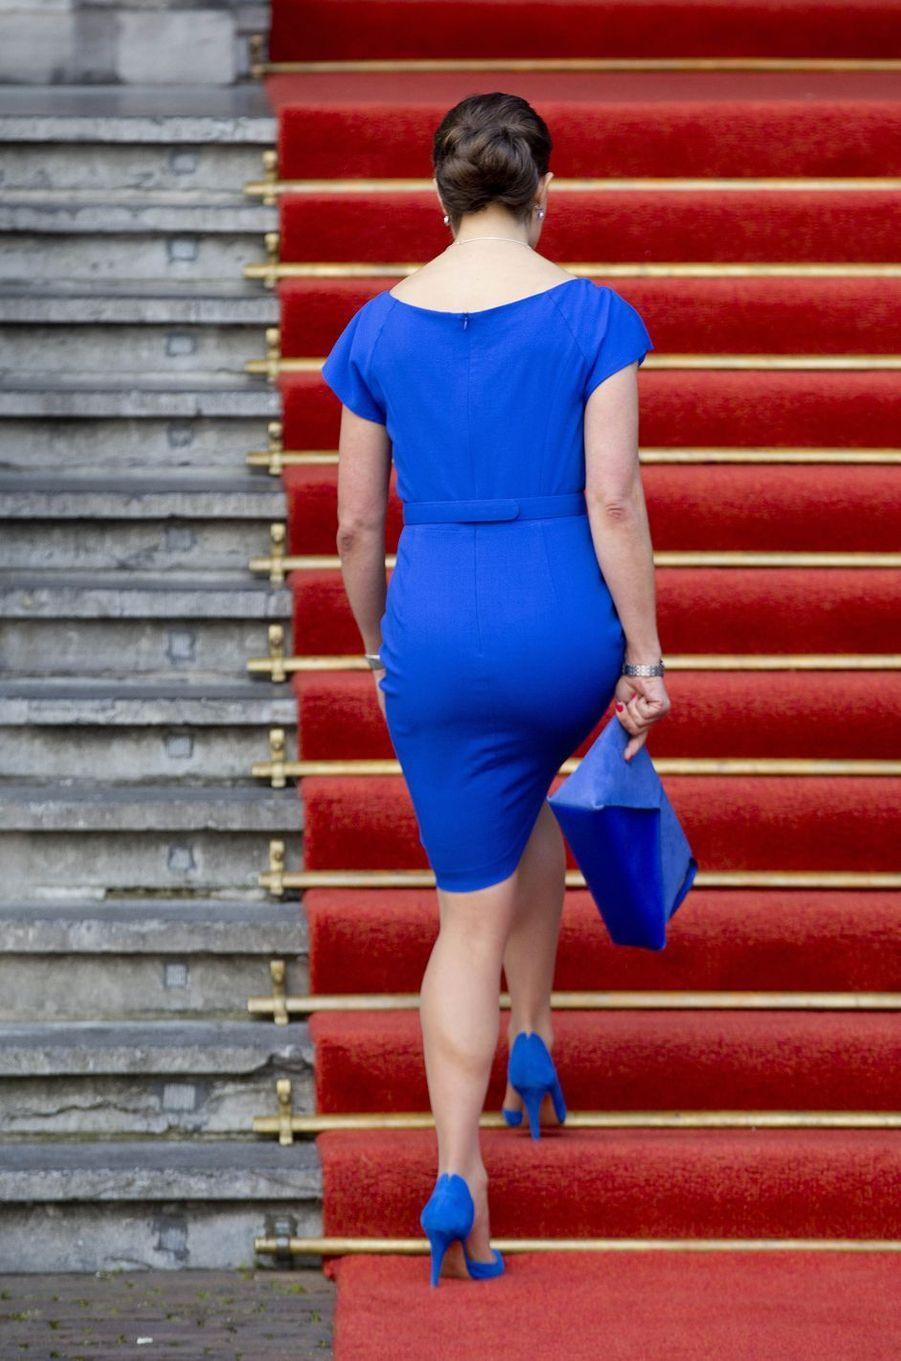 La princesse Victoria de Suède à La Haye, le 26 avril 2017